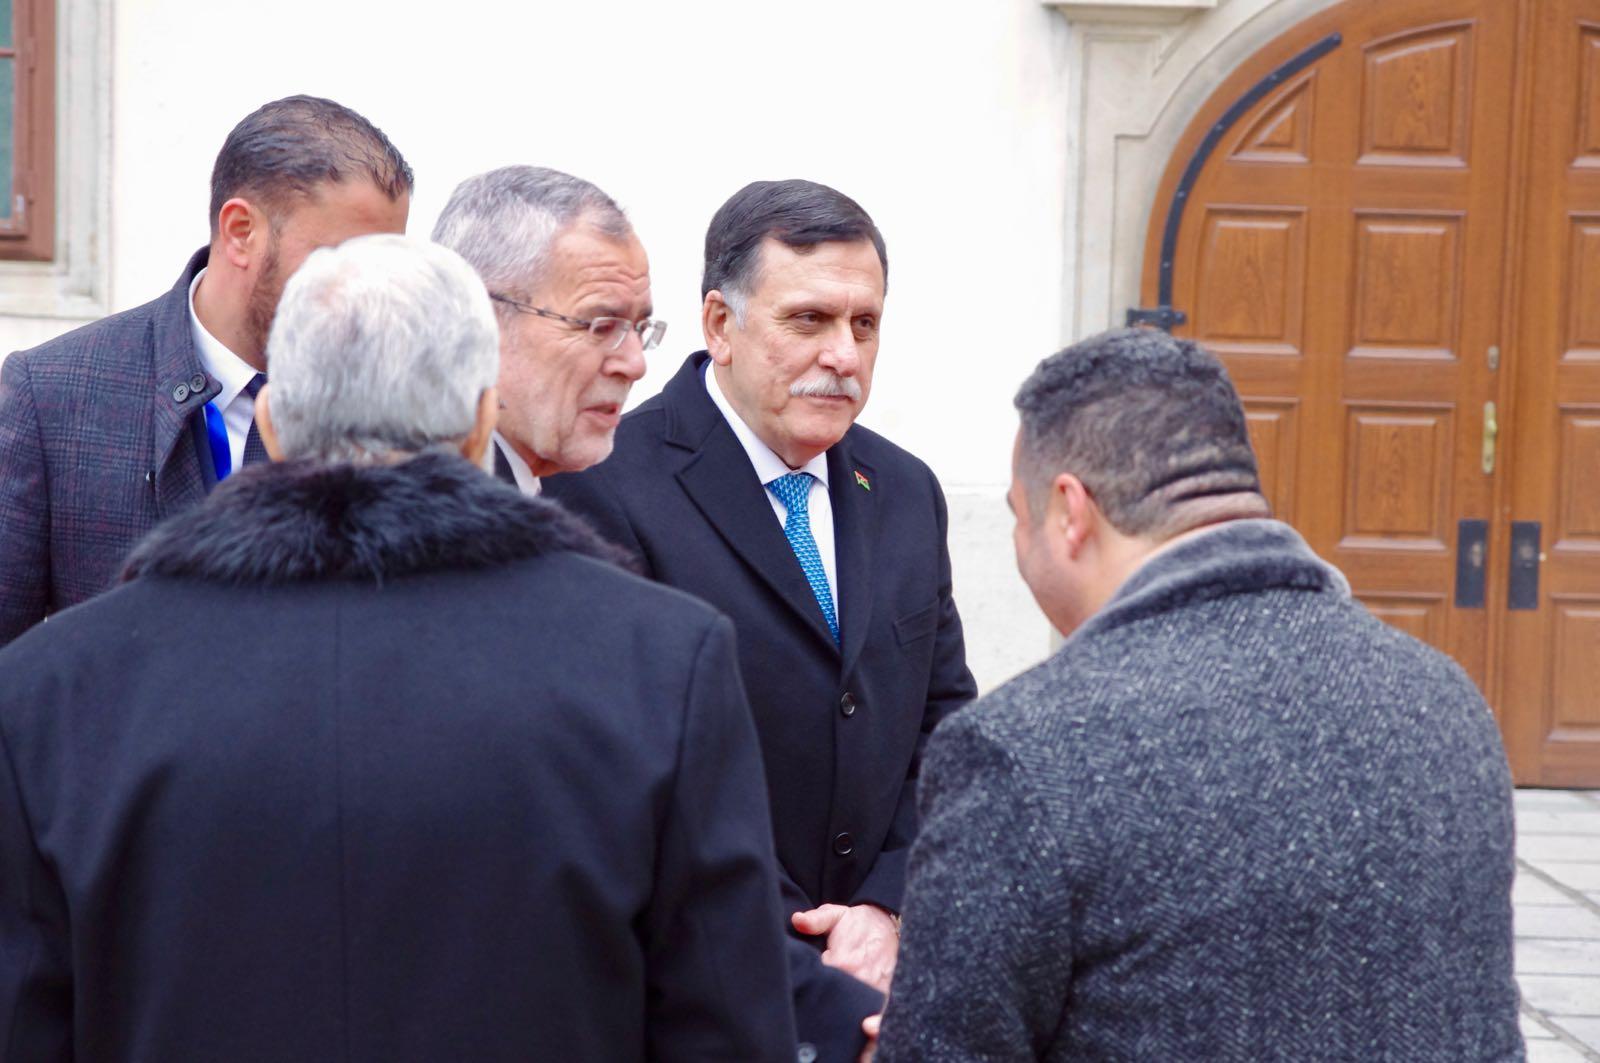 2019_01_28_Garde_Libyen_Besuch_VDB - 33 of 36